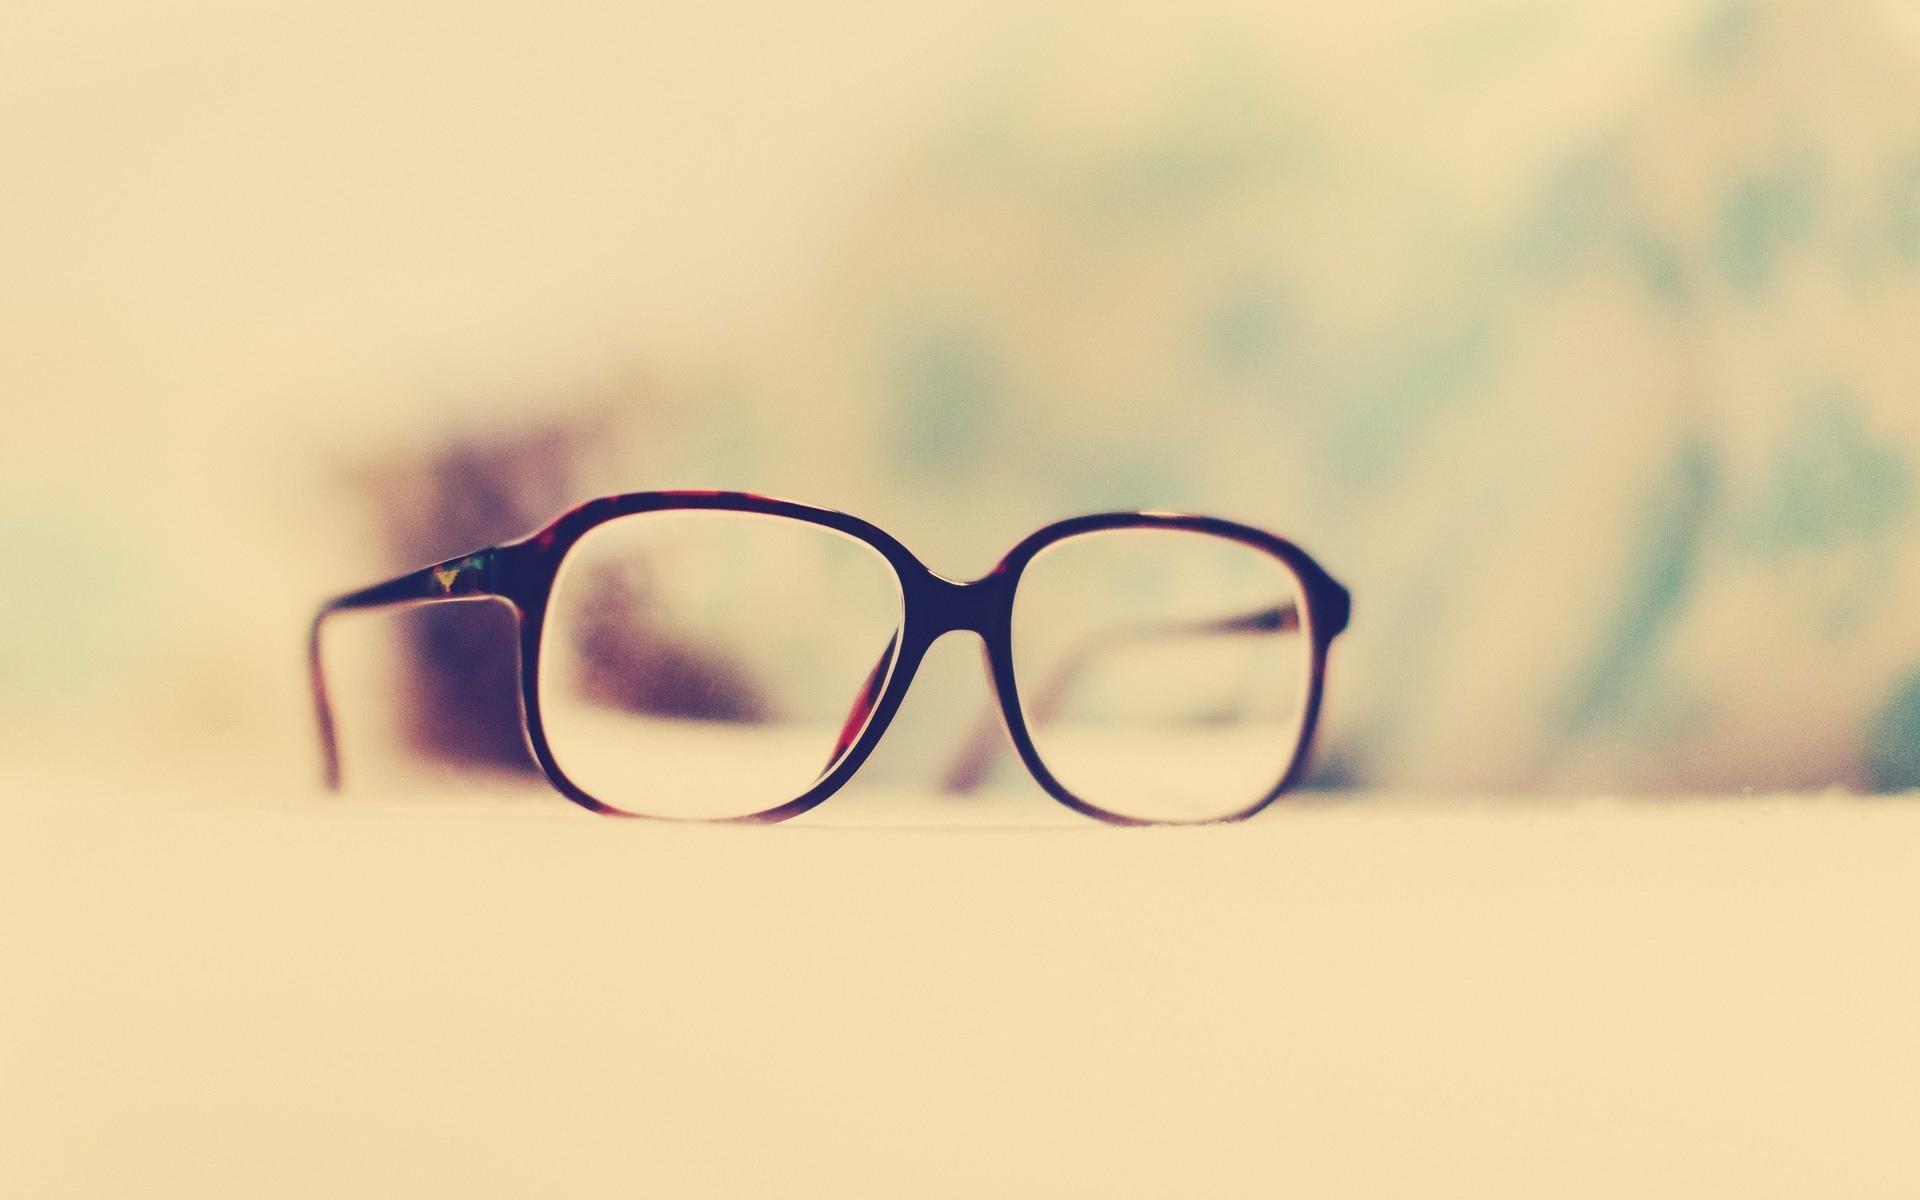 眼球突出,真的是戴眼镜导致的吗?